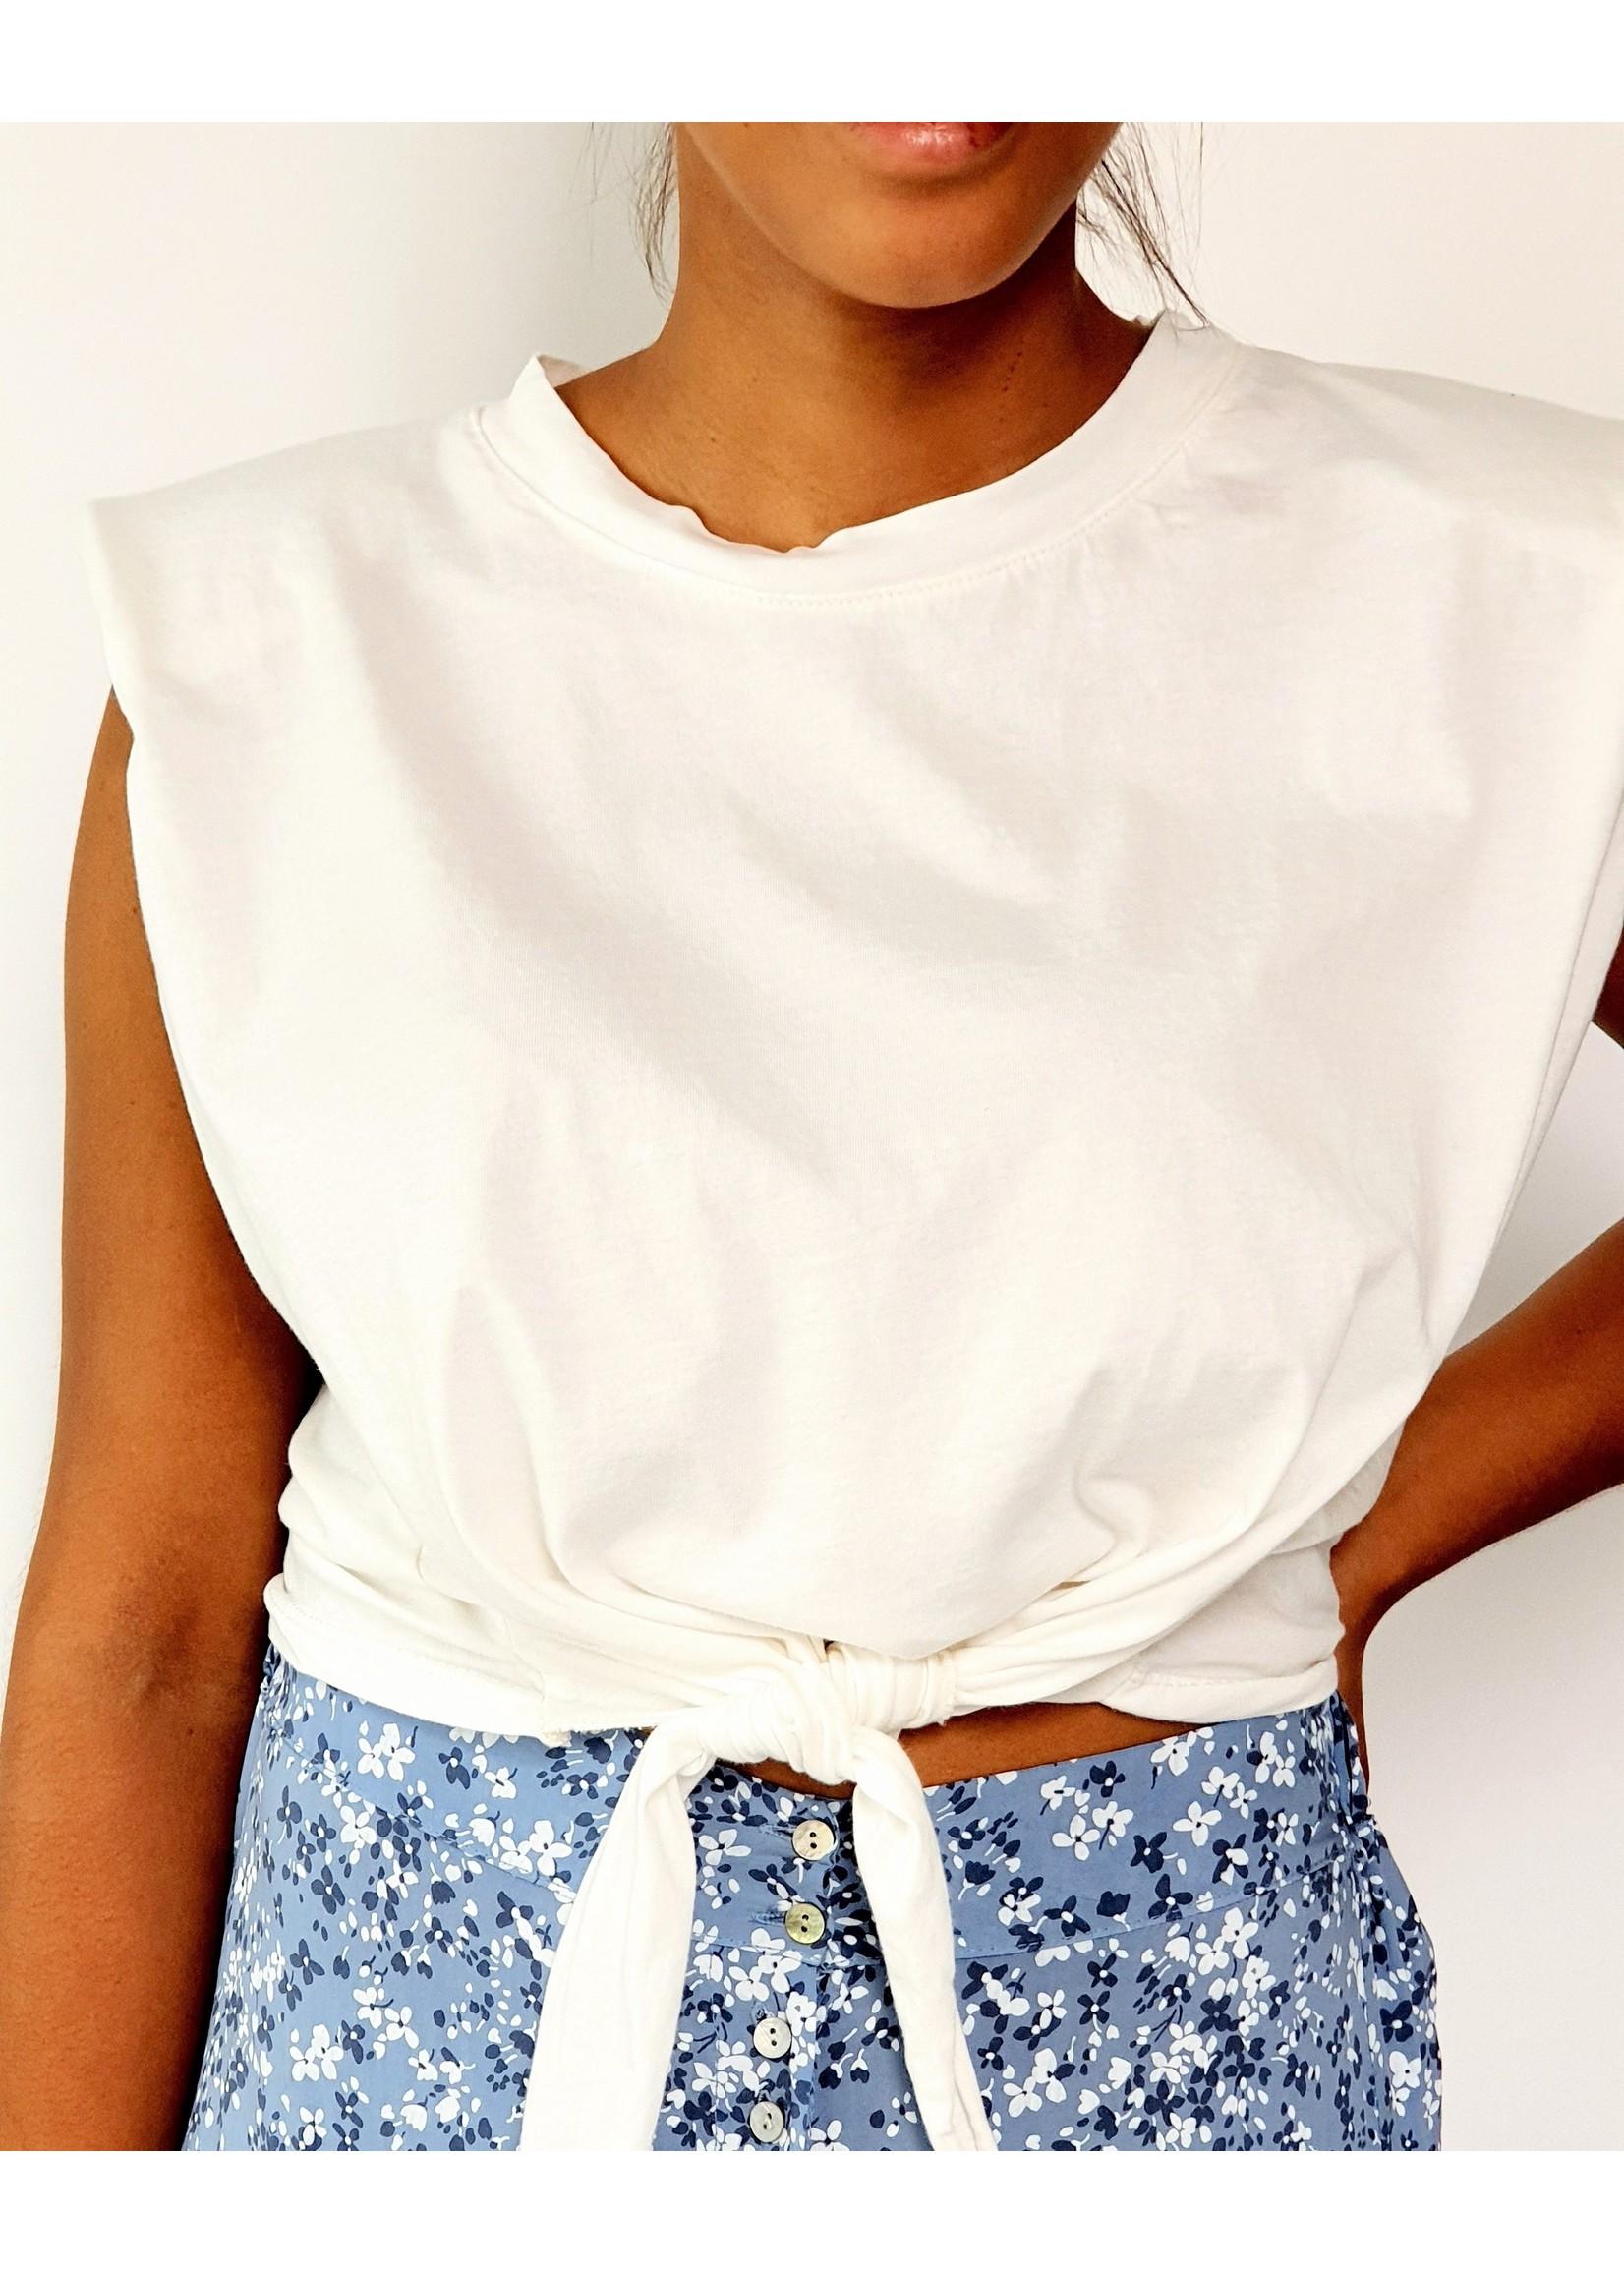 Thé padded white shirt